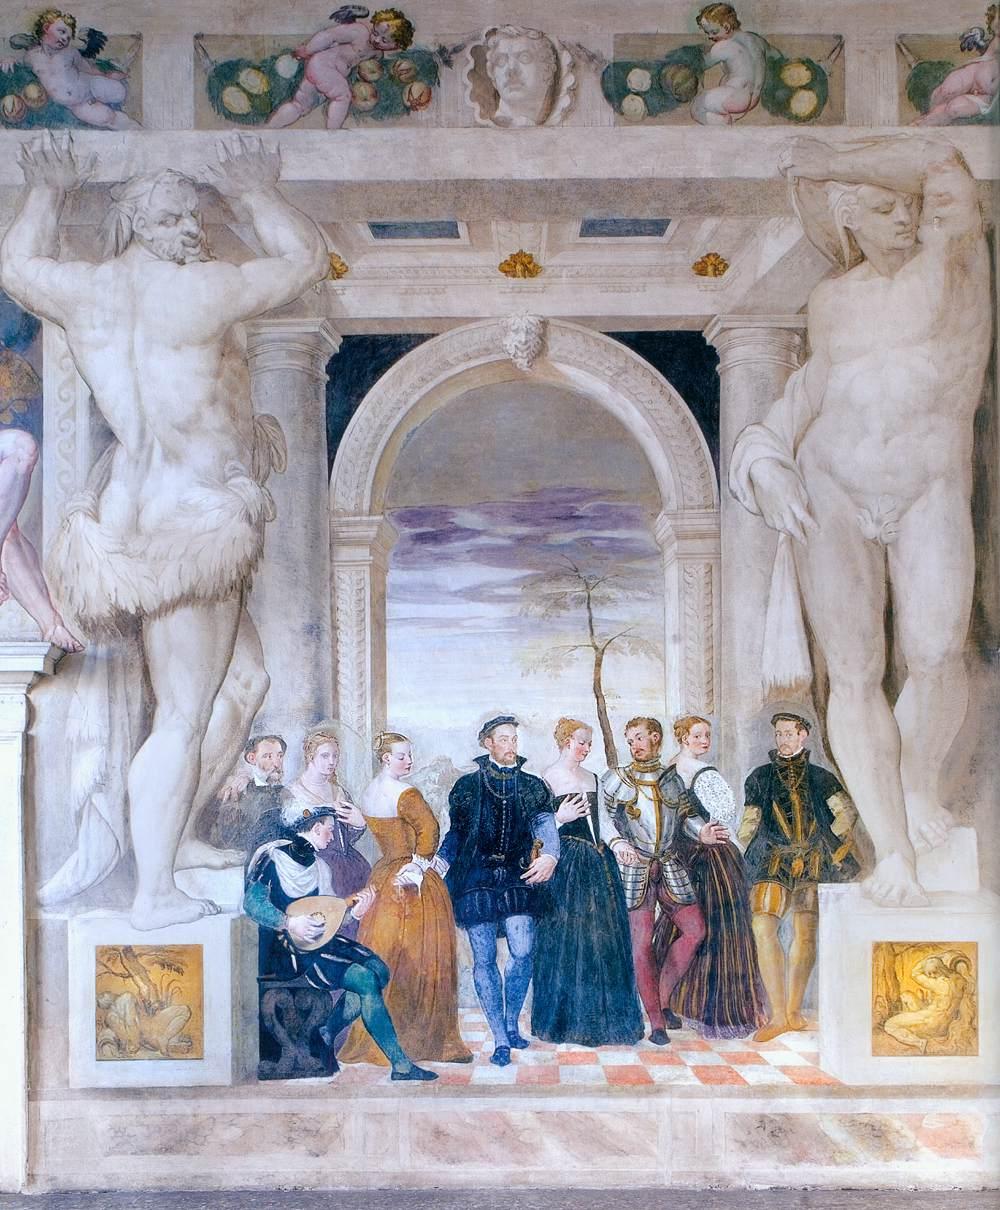 Giovanni Antonio FASOLO, Invitation à danser, Fresque de la villa Caldogno, 1565-70.